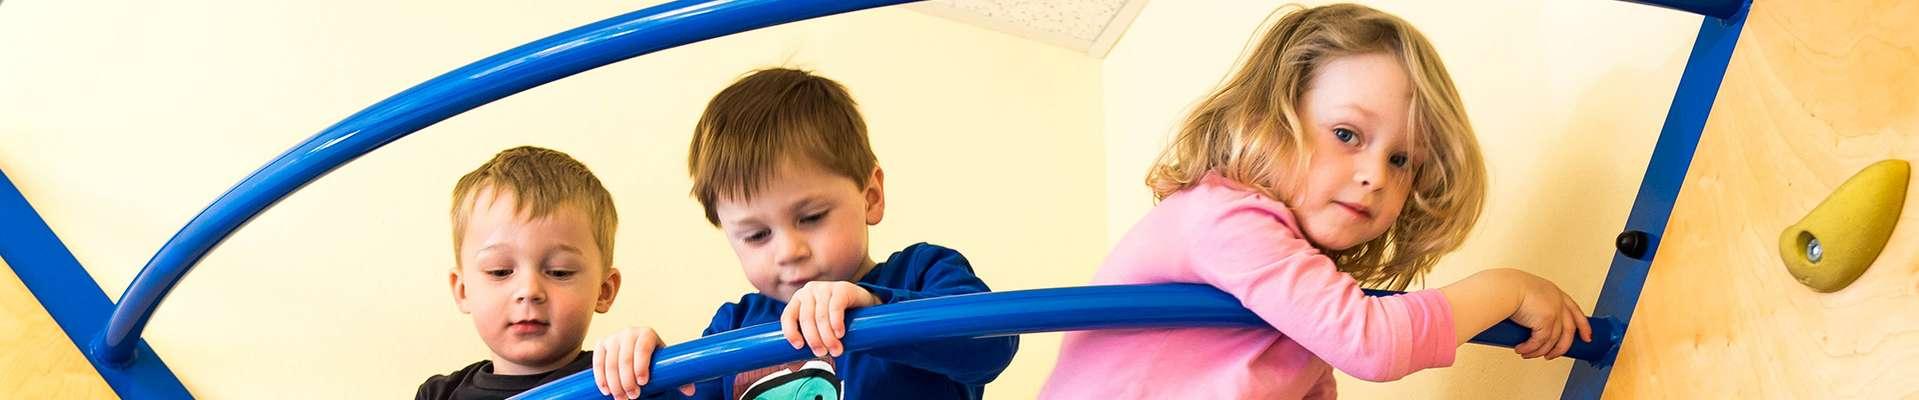 Headerbild Anerkannter Bewegungskindergarten: Spielgruppe Kinder